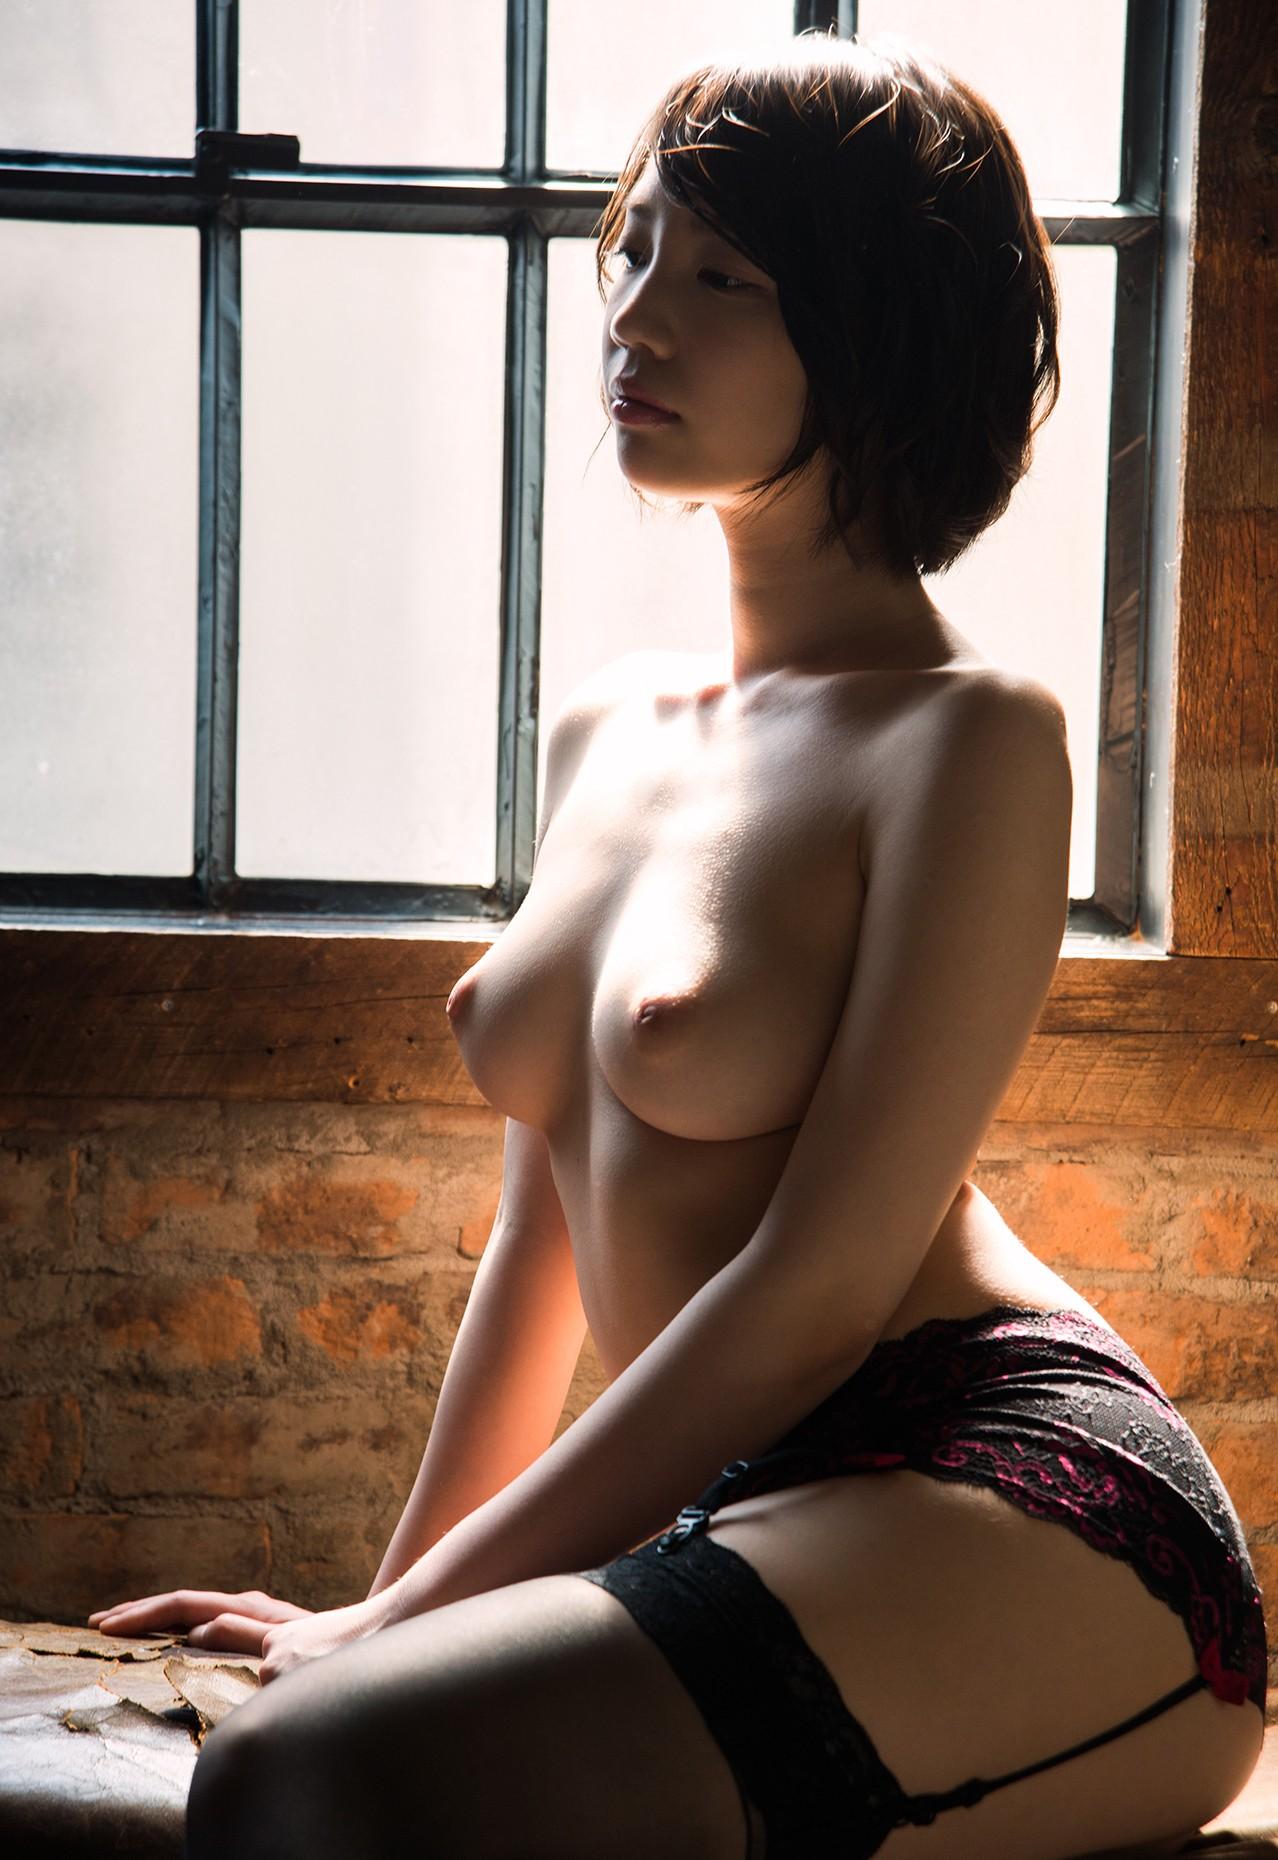 三次元 3次元 エロ画像 AV女優 鈴木心春  ヌード べっぴん娘通信 054